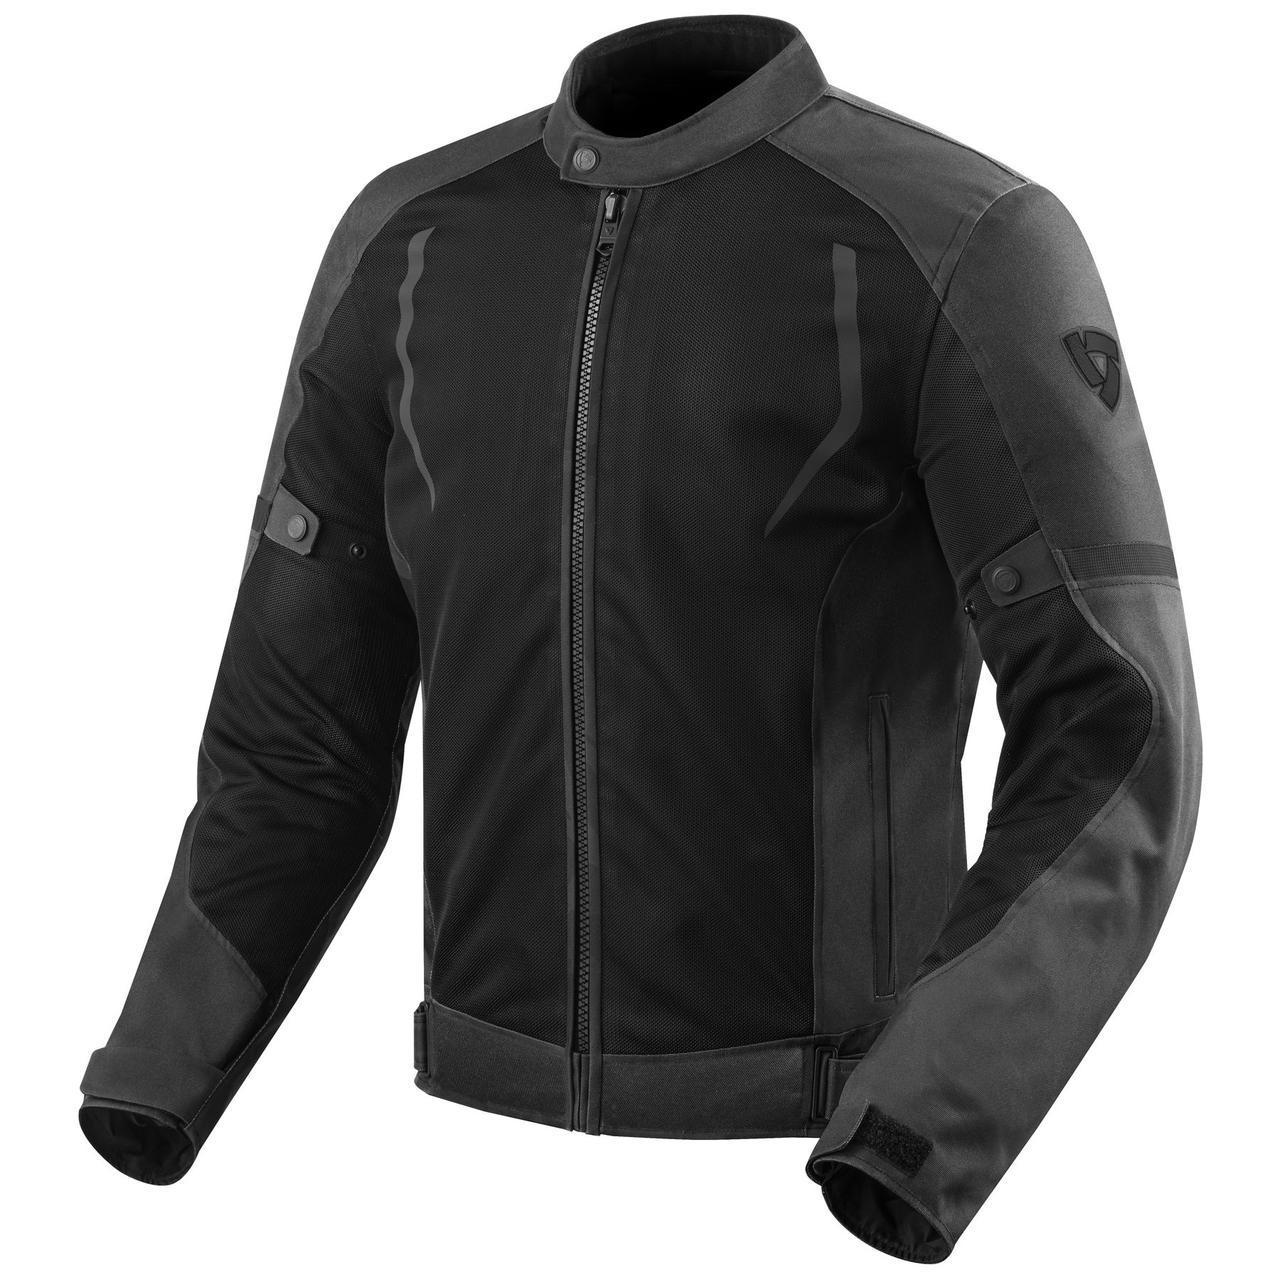 Мотокуртка Revit TORQUE текстиль р. S black